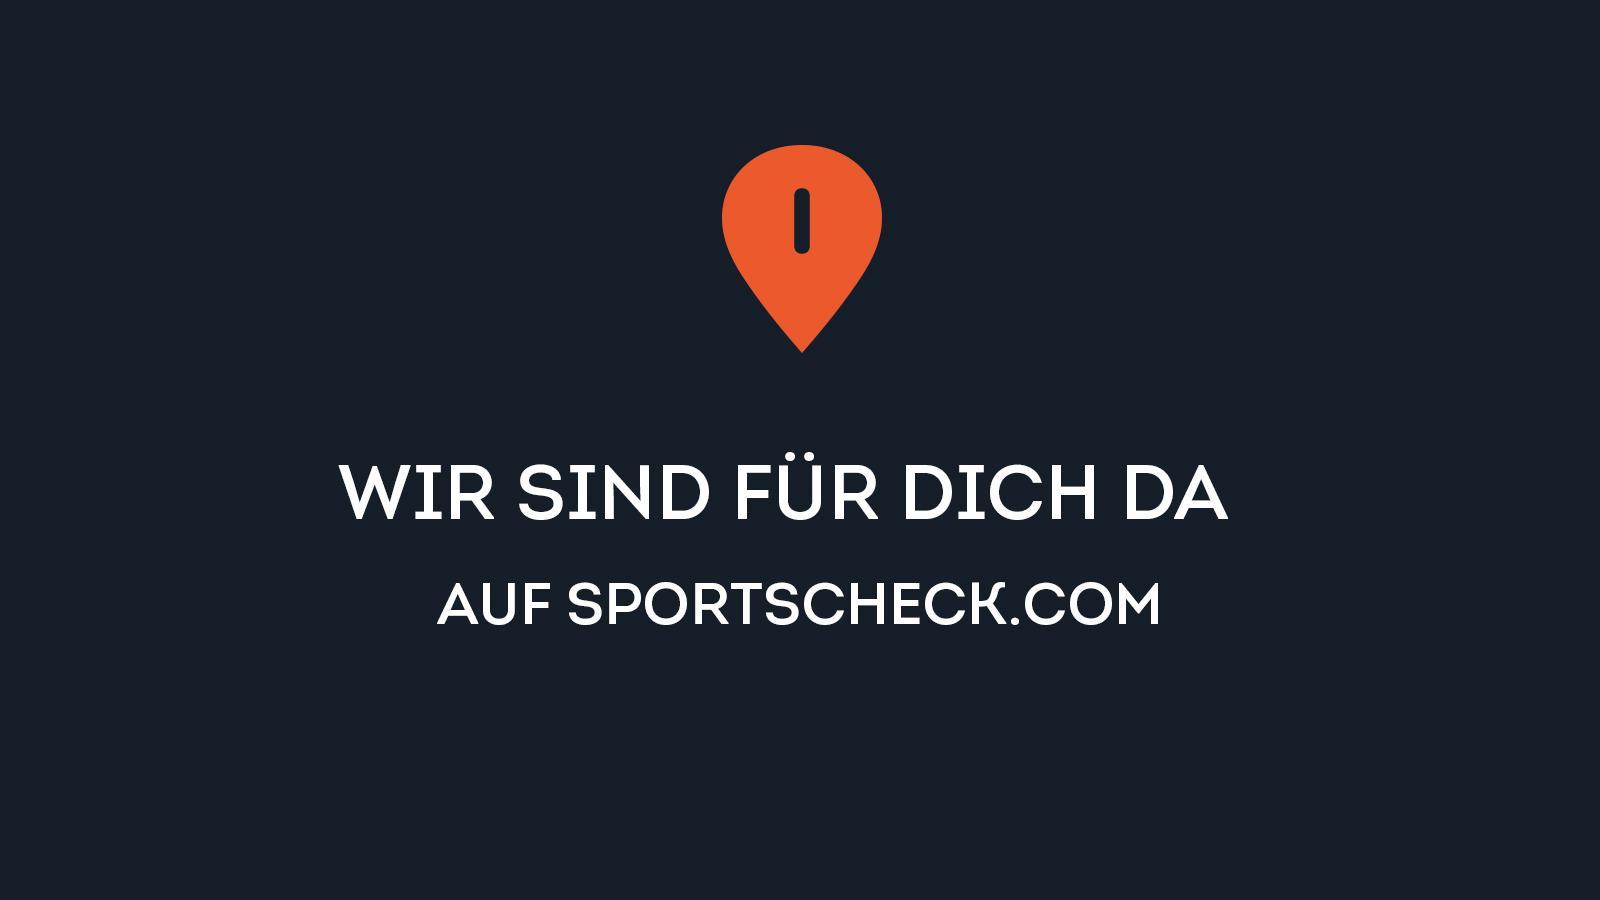 SportScheck Mönchengladbach, Hindenburgstraße in Mönchengladbach